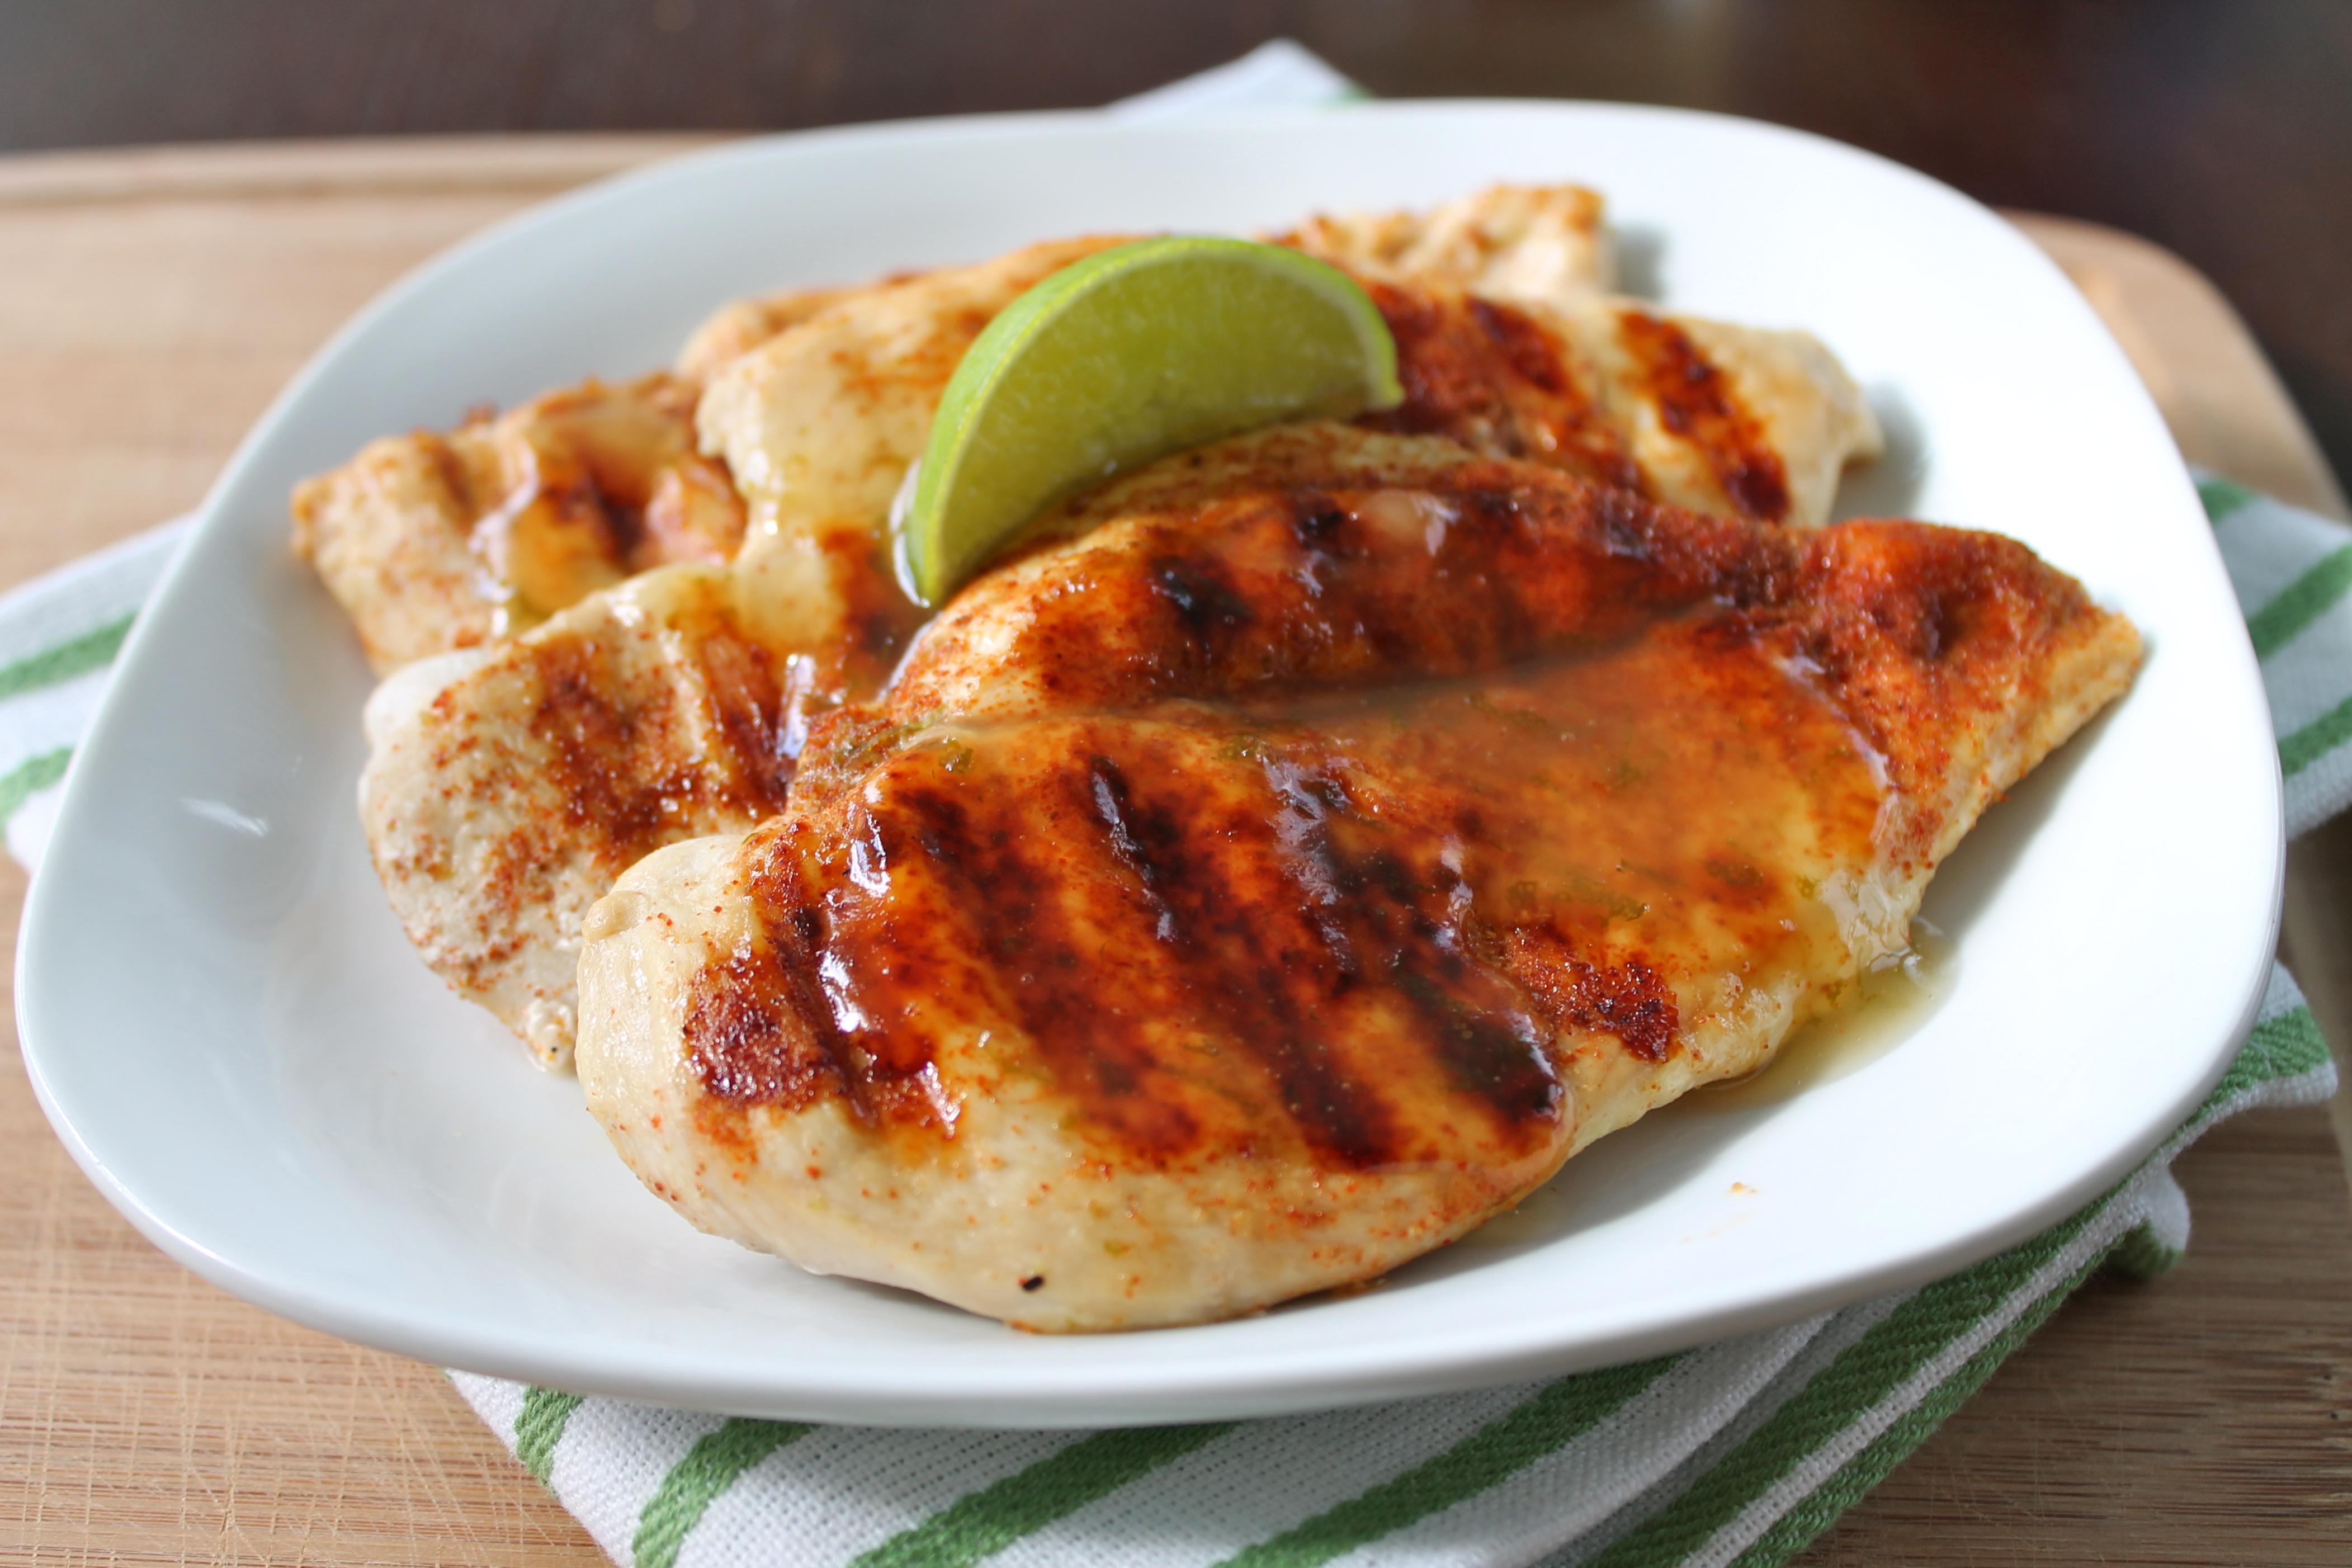 Tequila Glazed Chicken